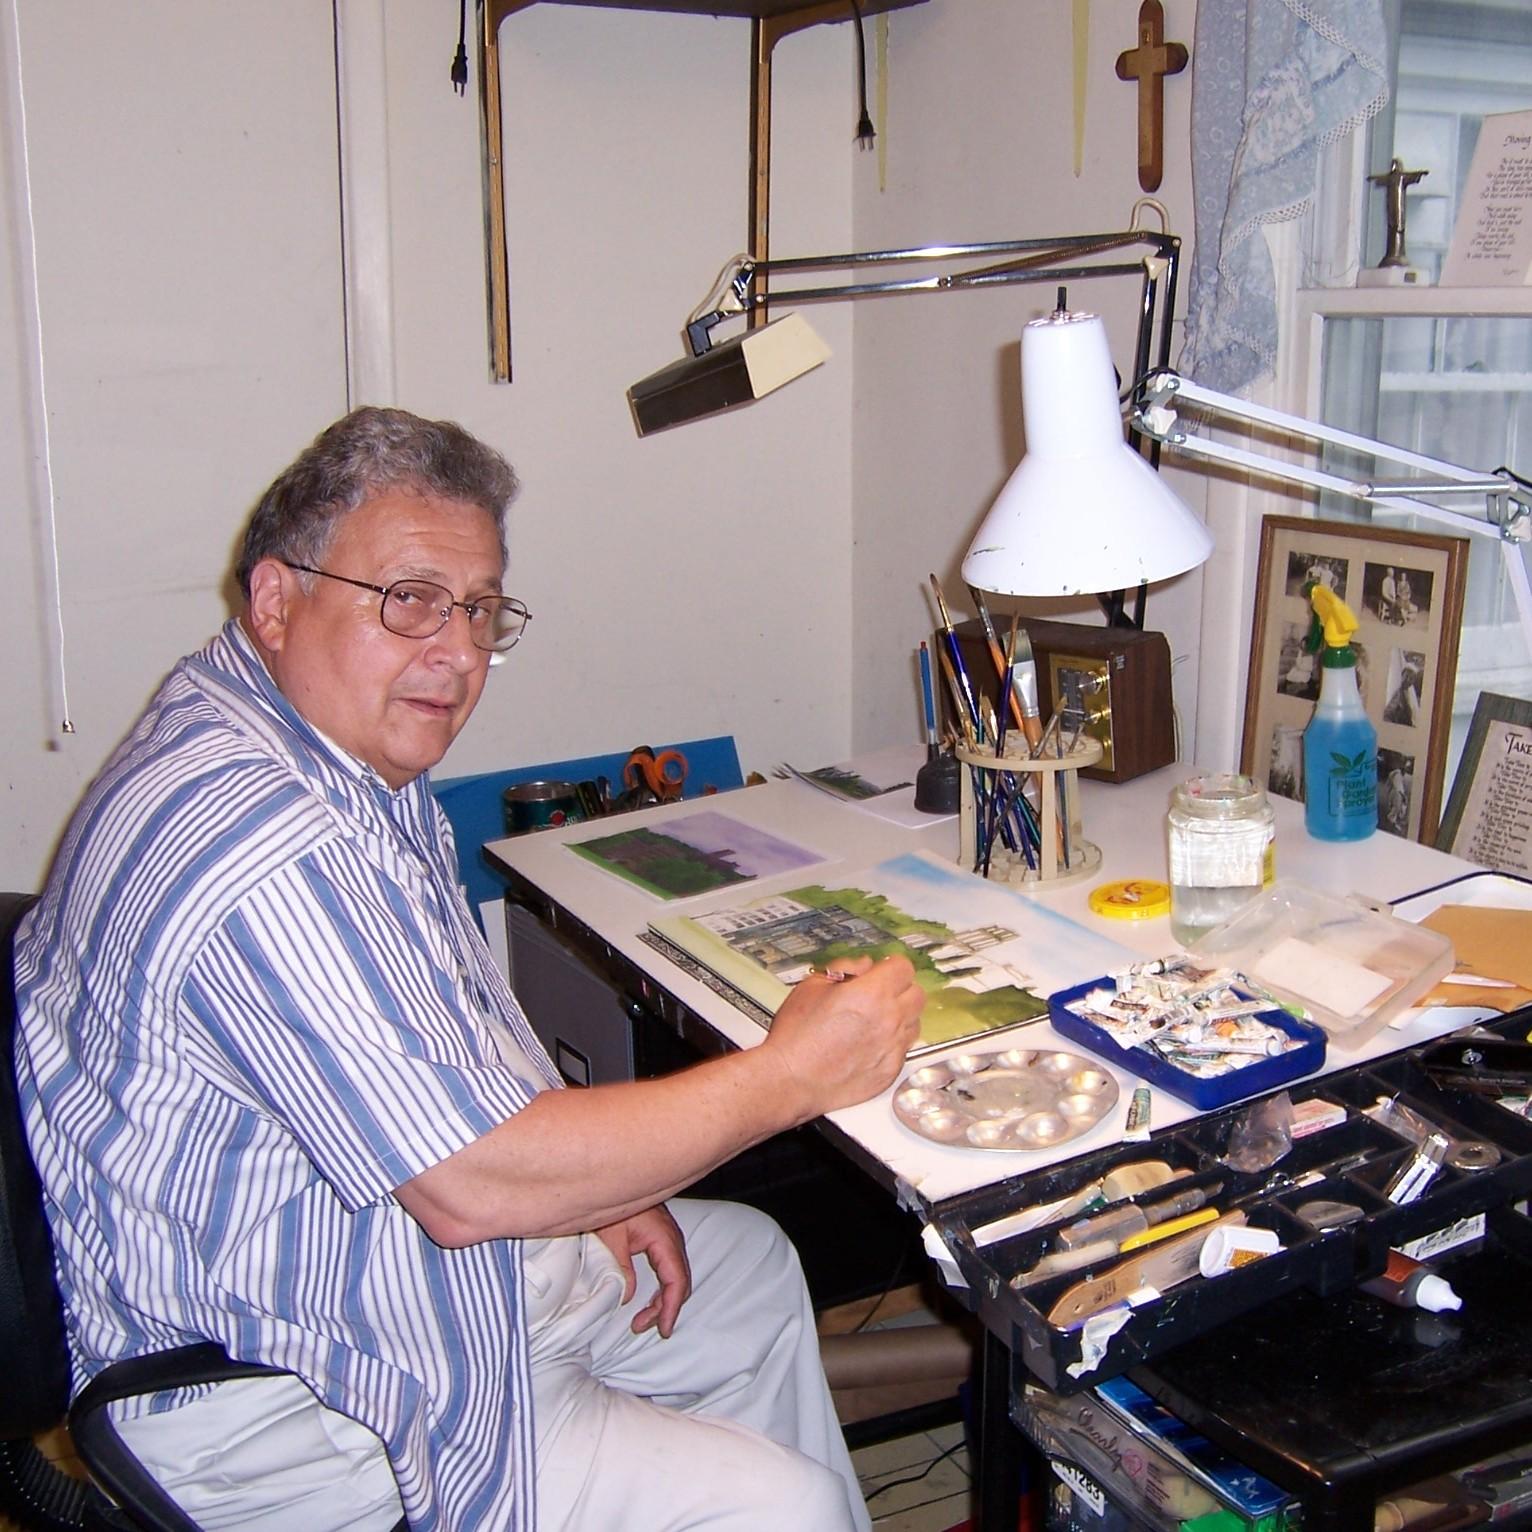 Robert J. Heinrichs